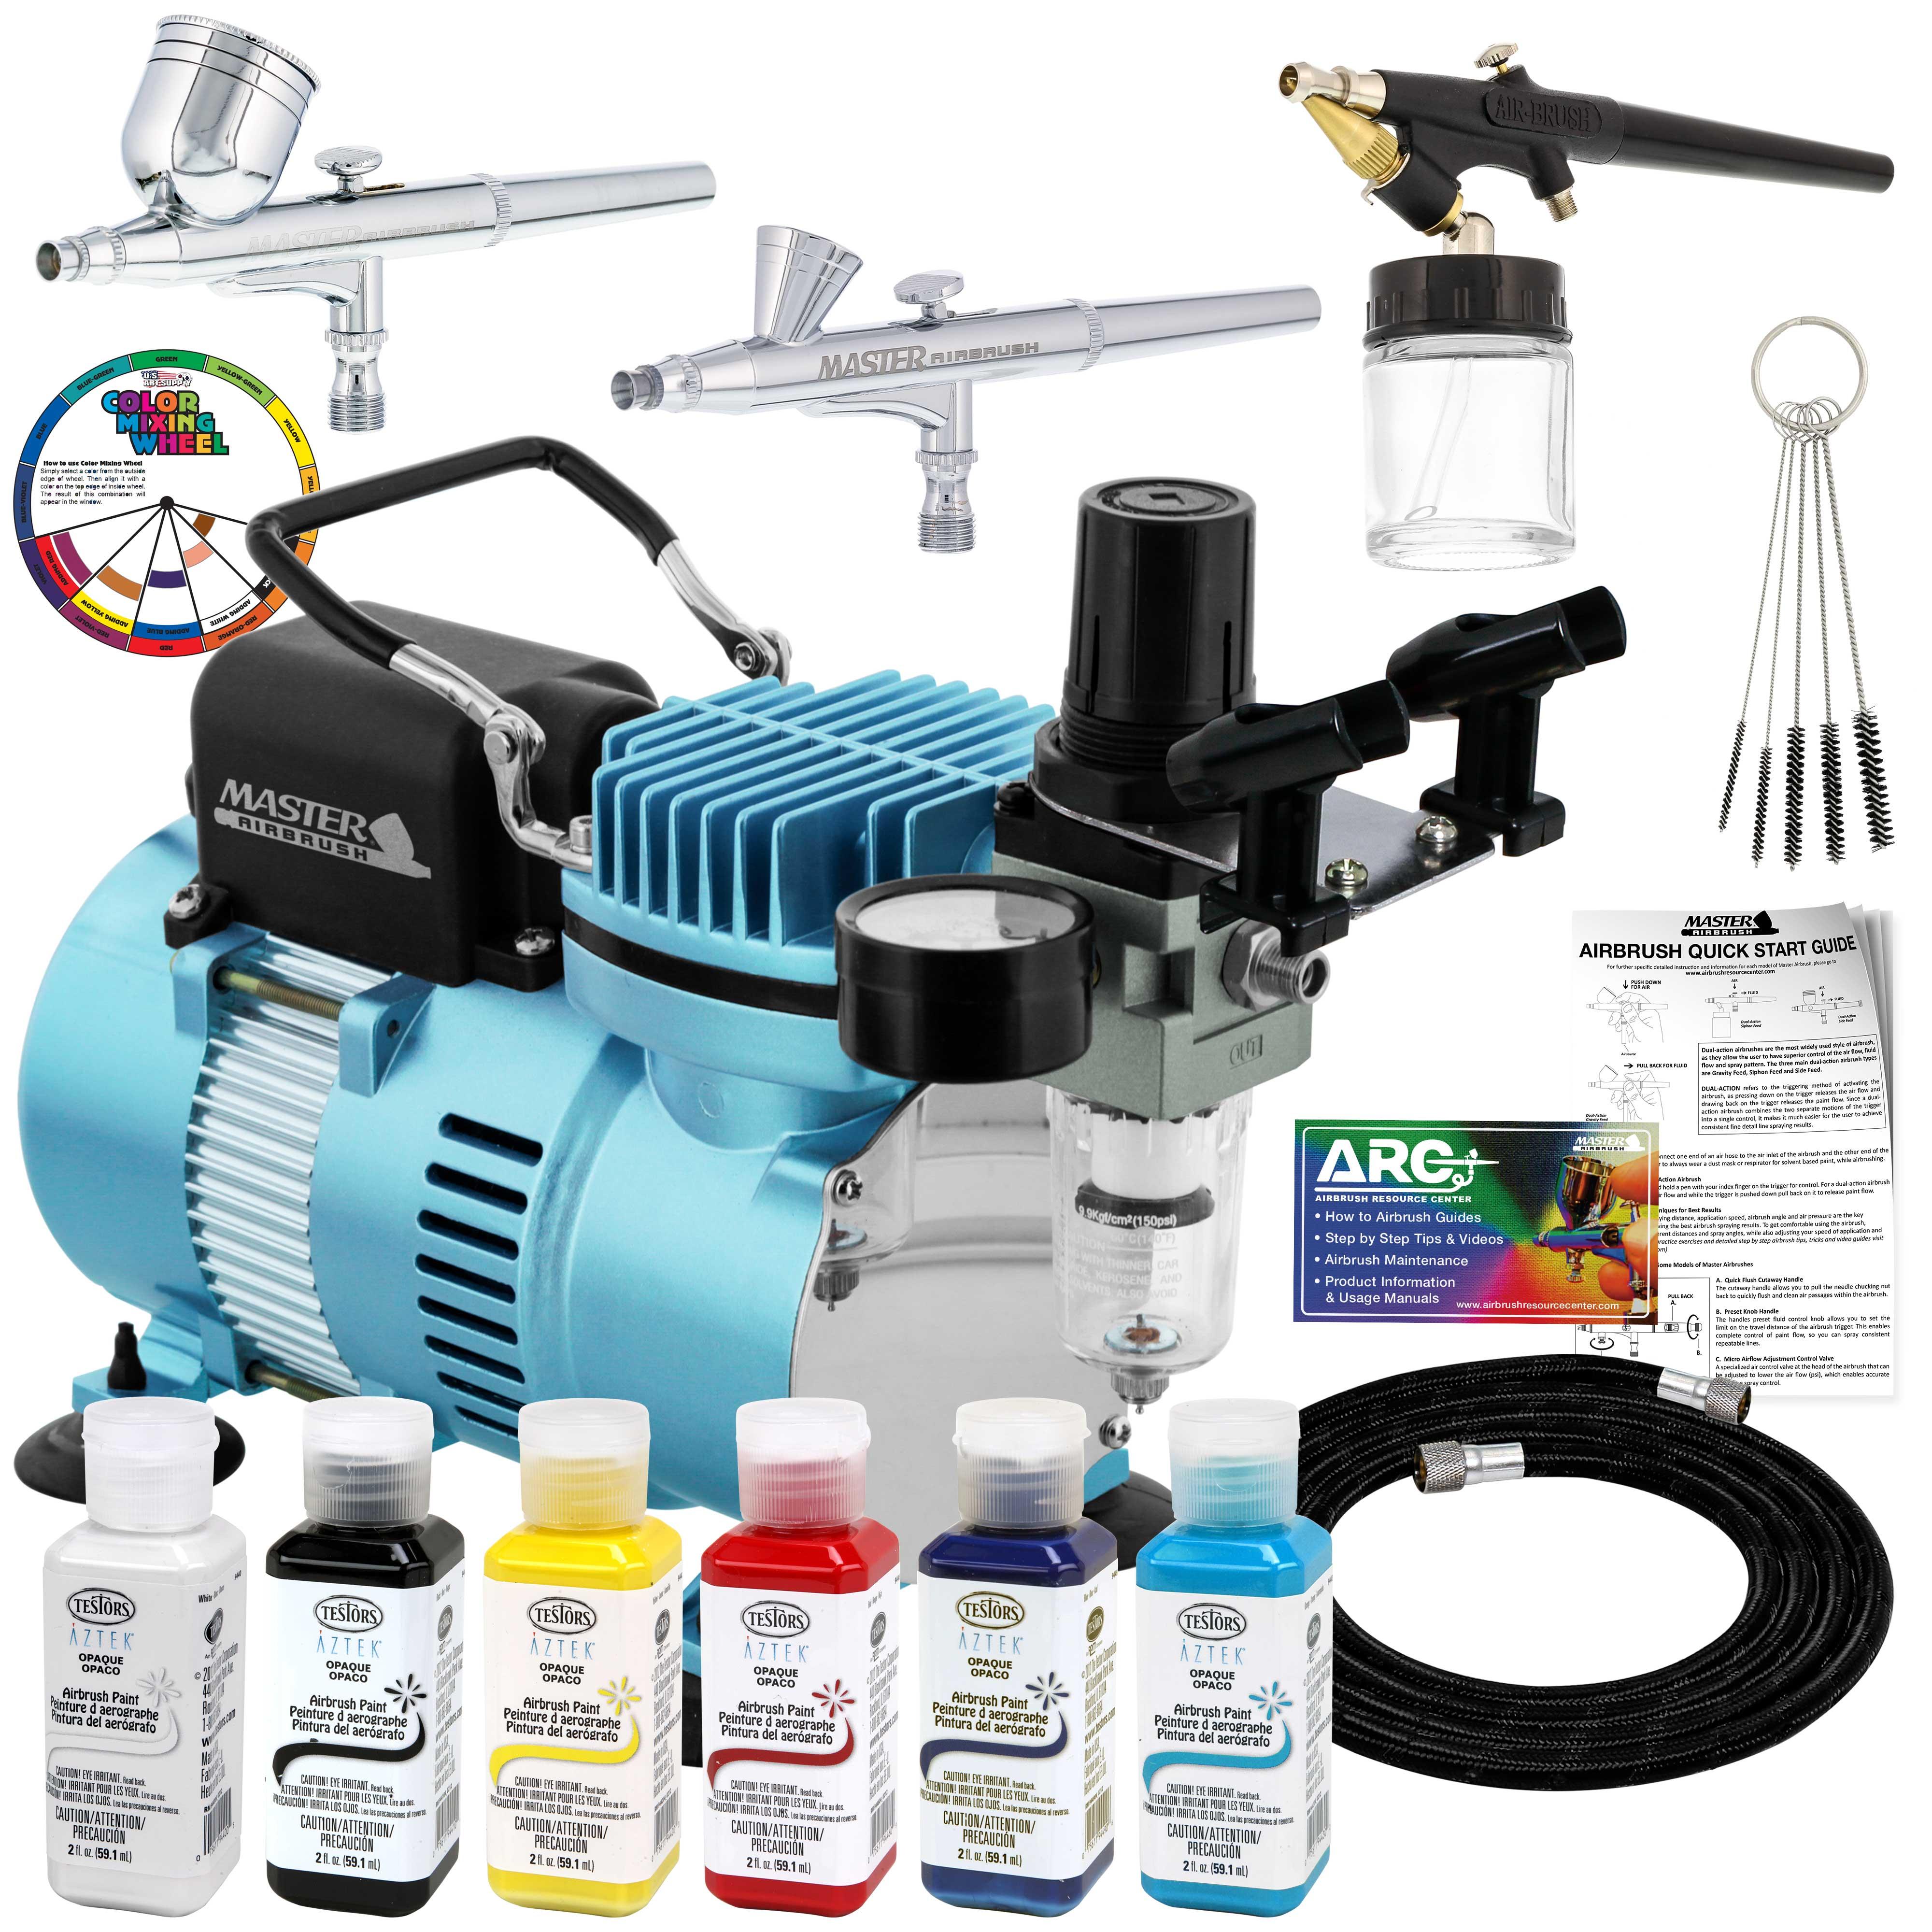 Details About Master 3 Airbrush Air Compressor Kit Testors Aztek 6 Colors Acrylic Paint Set